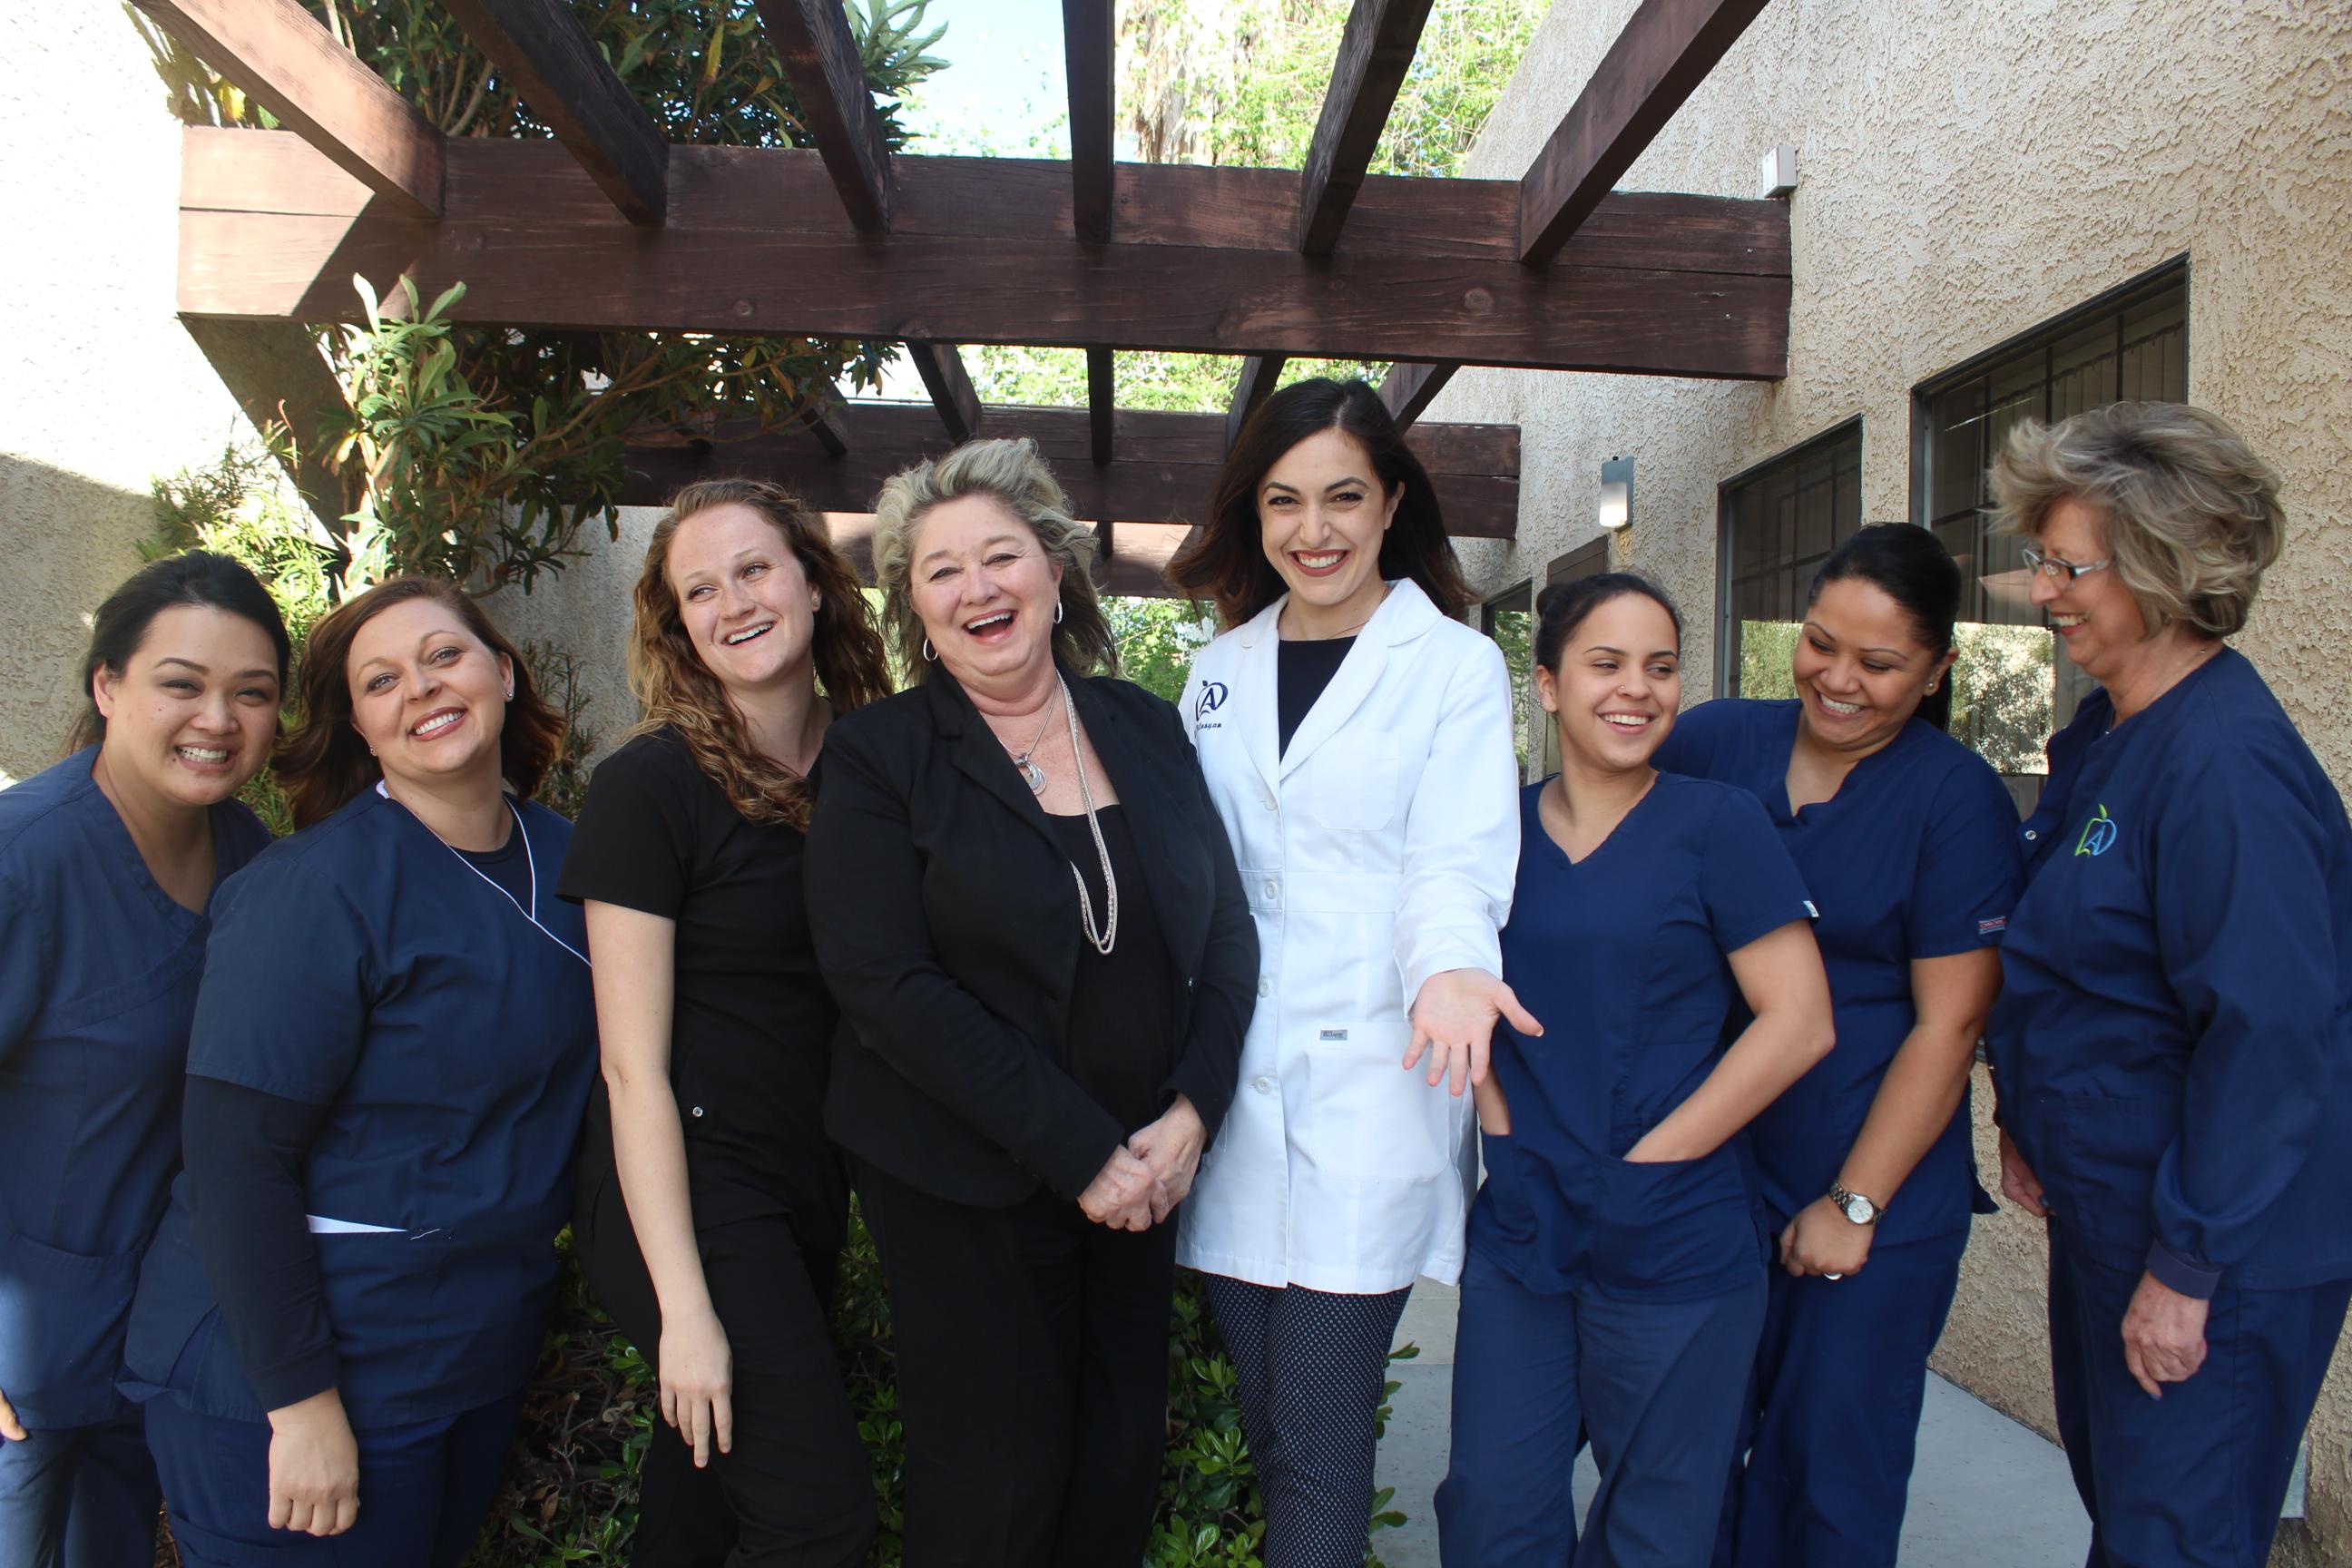 Gubler Family Dental - Las Vegas, NV 89121 - (702)796-0095 | ShowMeLocal.com